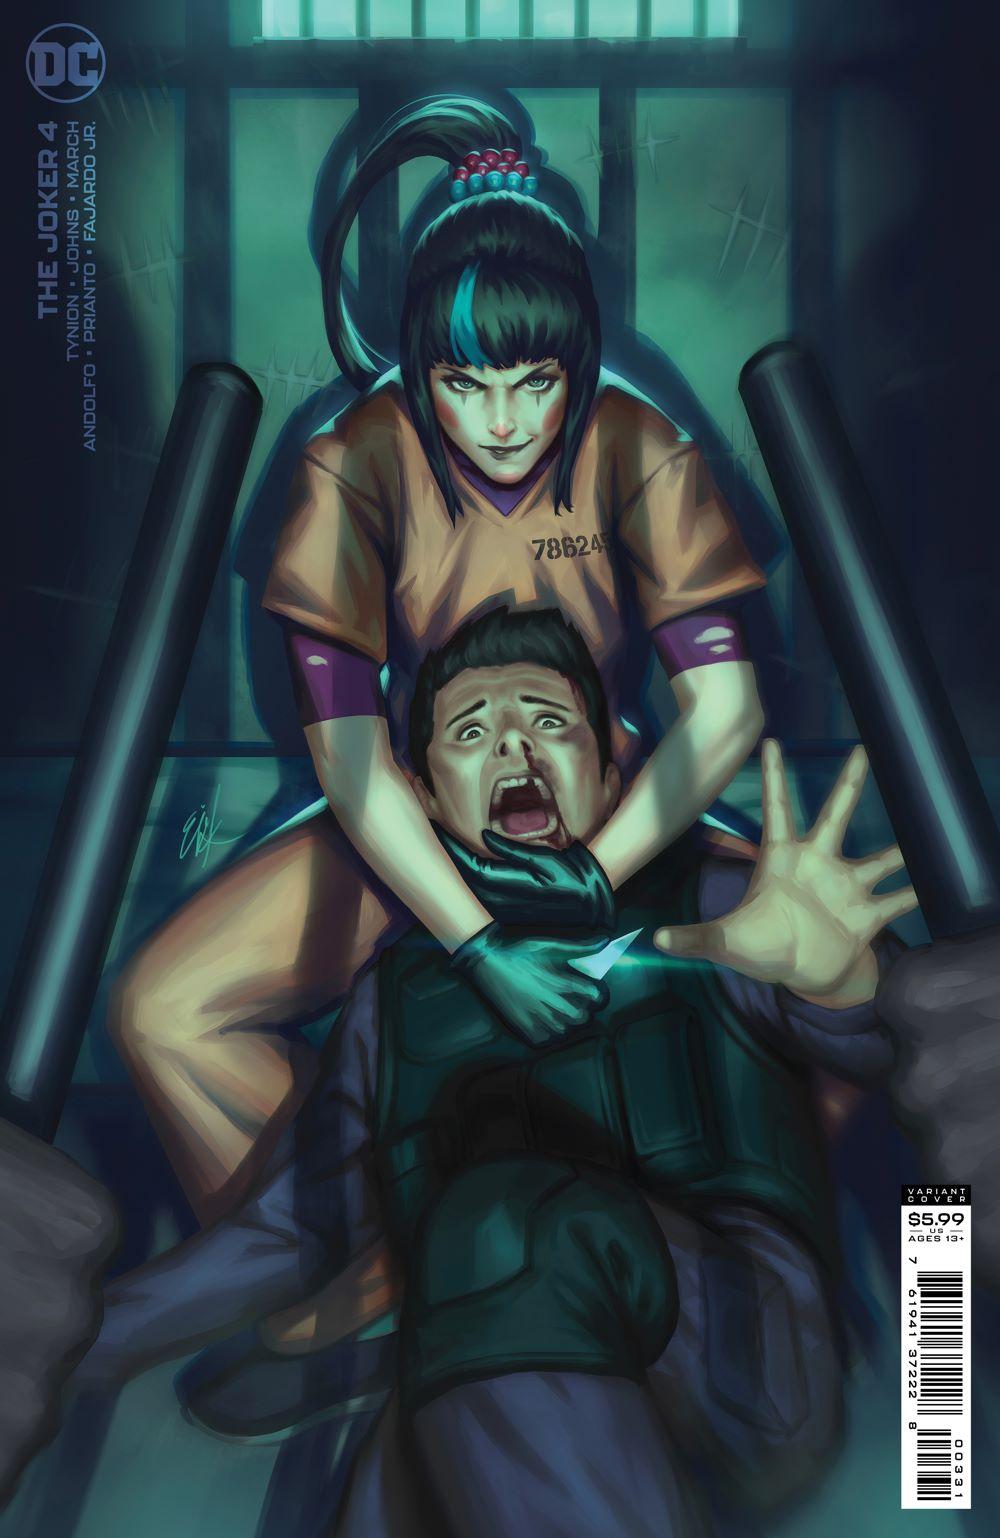 THEJOKER_Cv4_var2 DC Comics June 2021 Solicitations